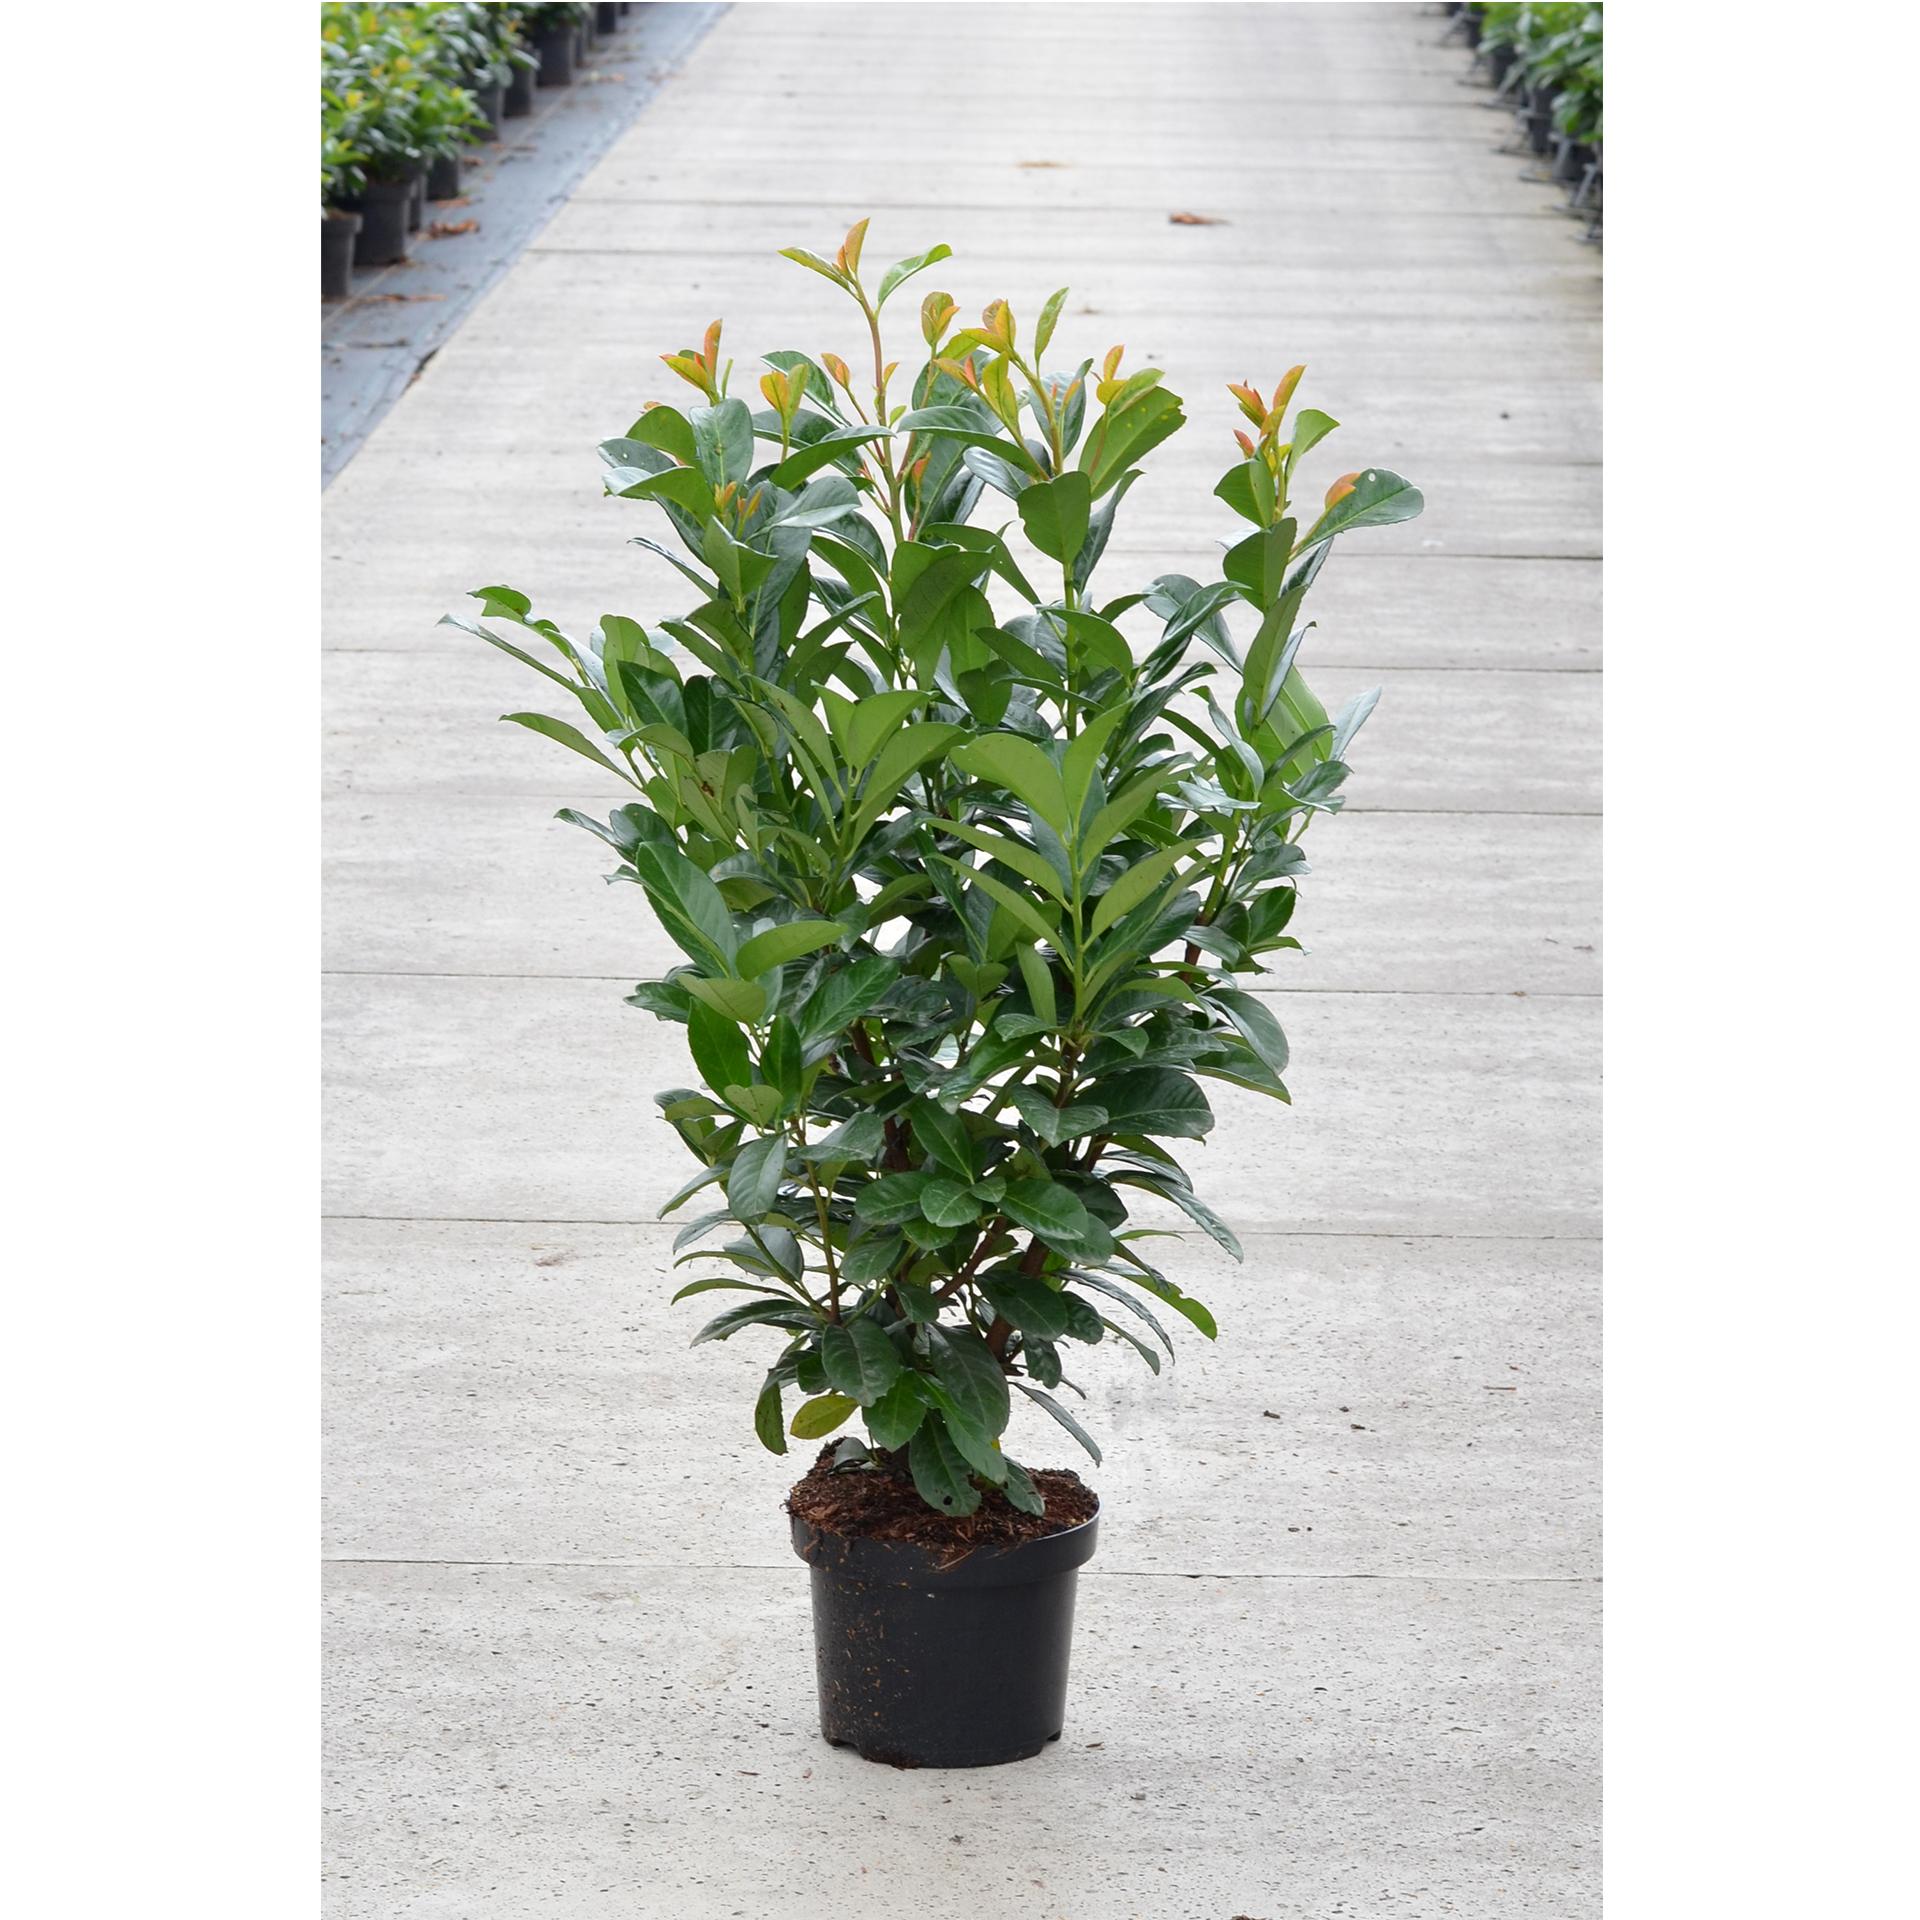 Kirschlorbeer - Prunus laurocerasus 'Etna' , C6 60-80cm